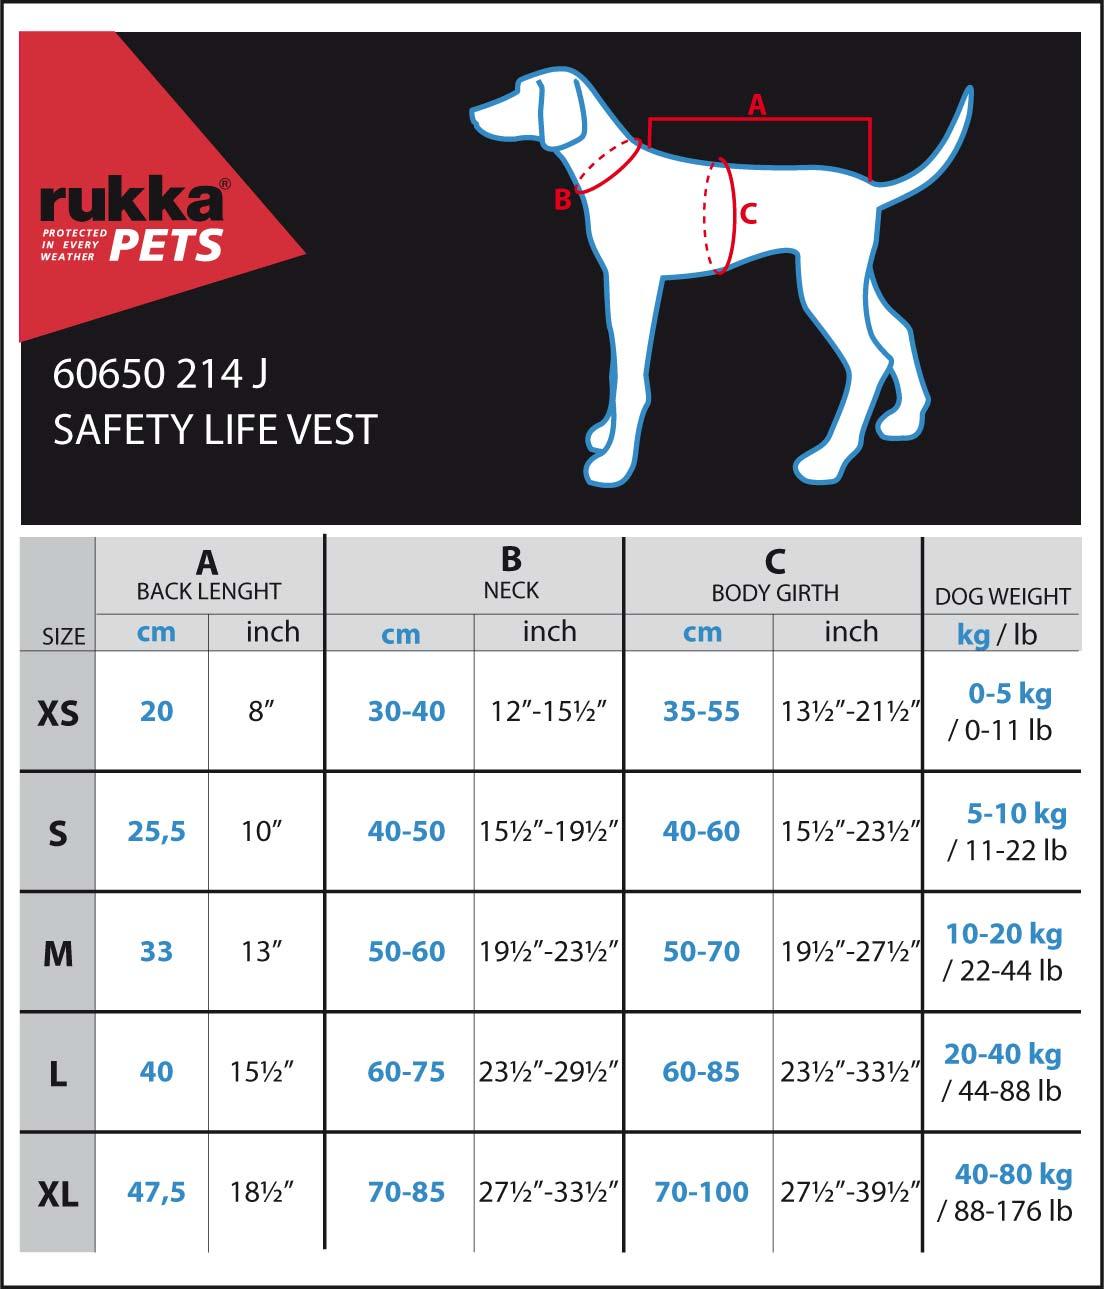 60650-241-J-SAFETY-LIFE-VEST